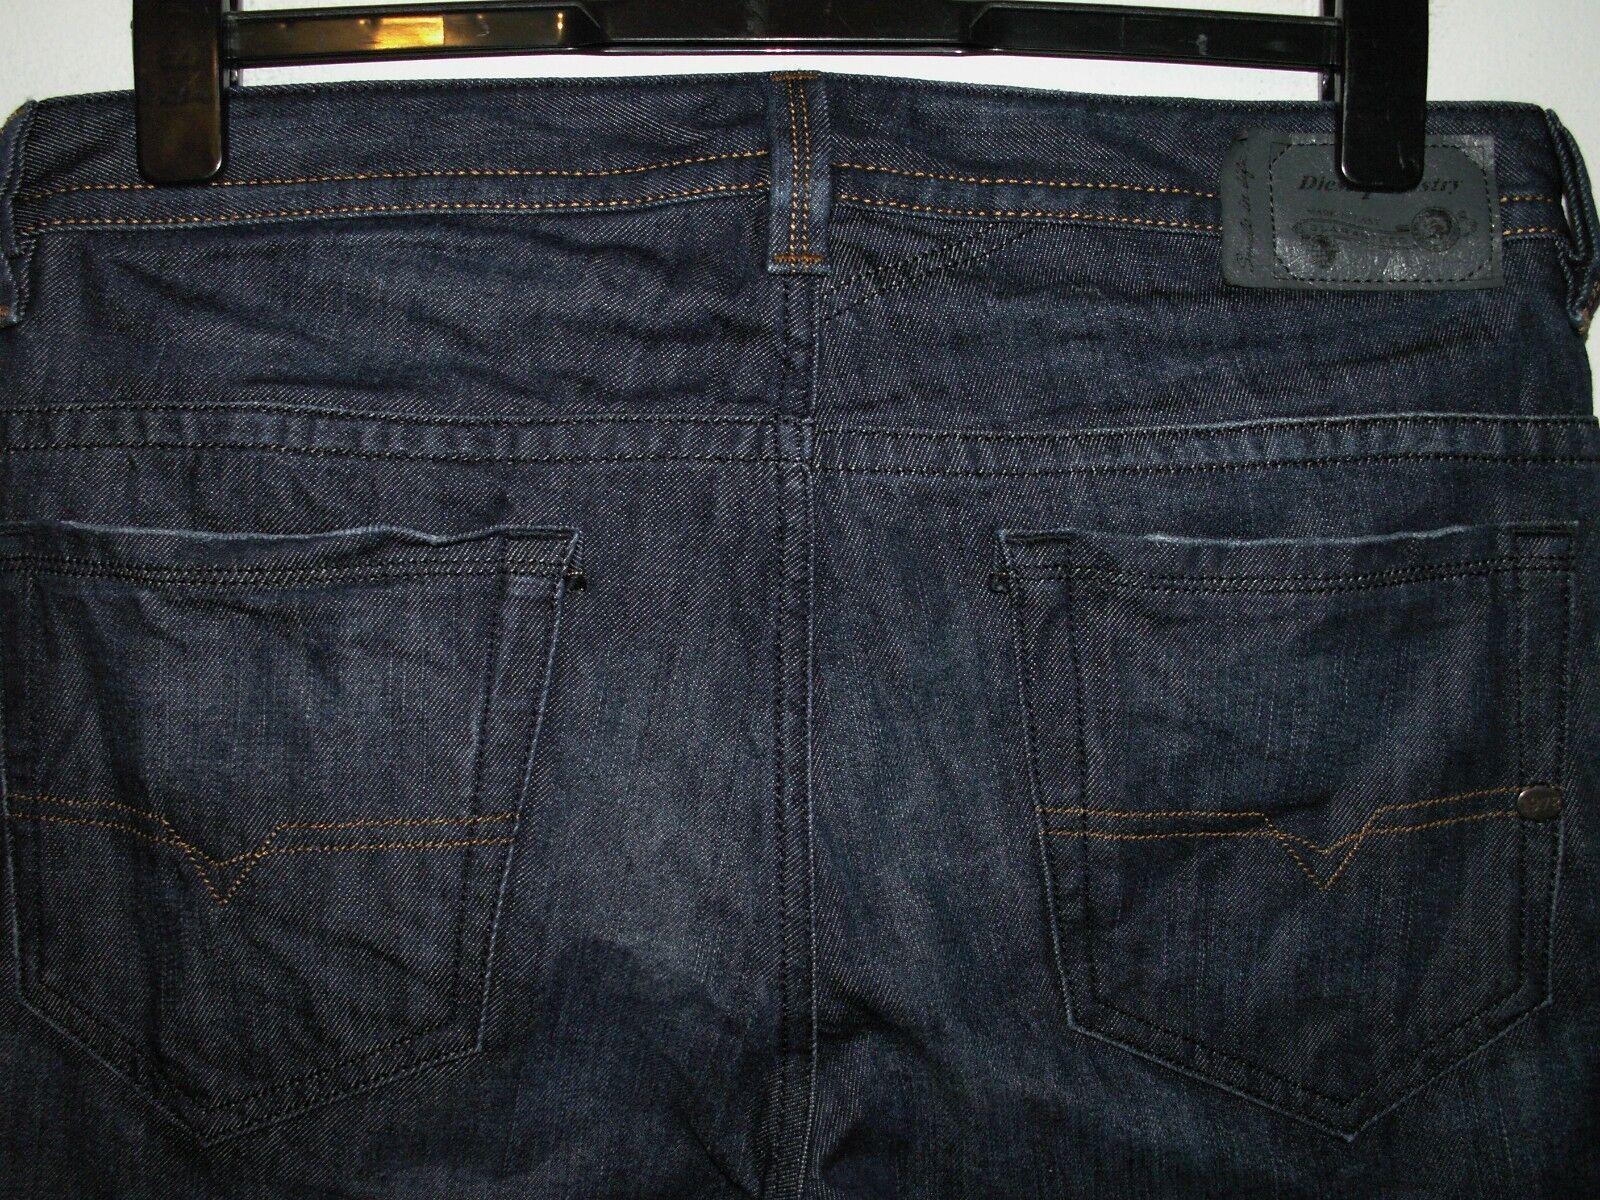 Diesel thavar slim-skinny fit jeans wash 0842N W32 L32 (a3837)